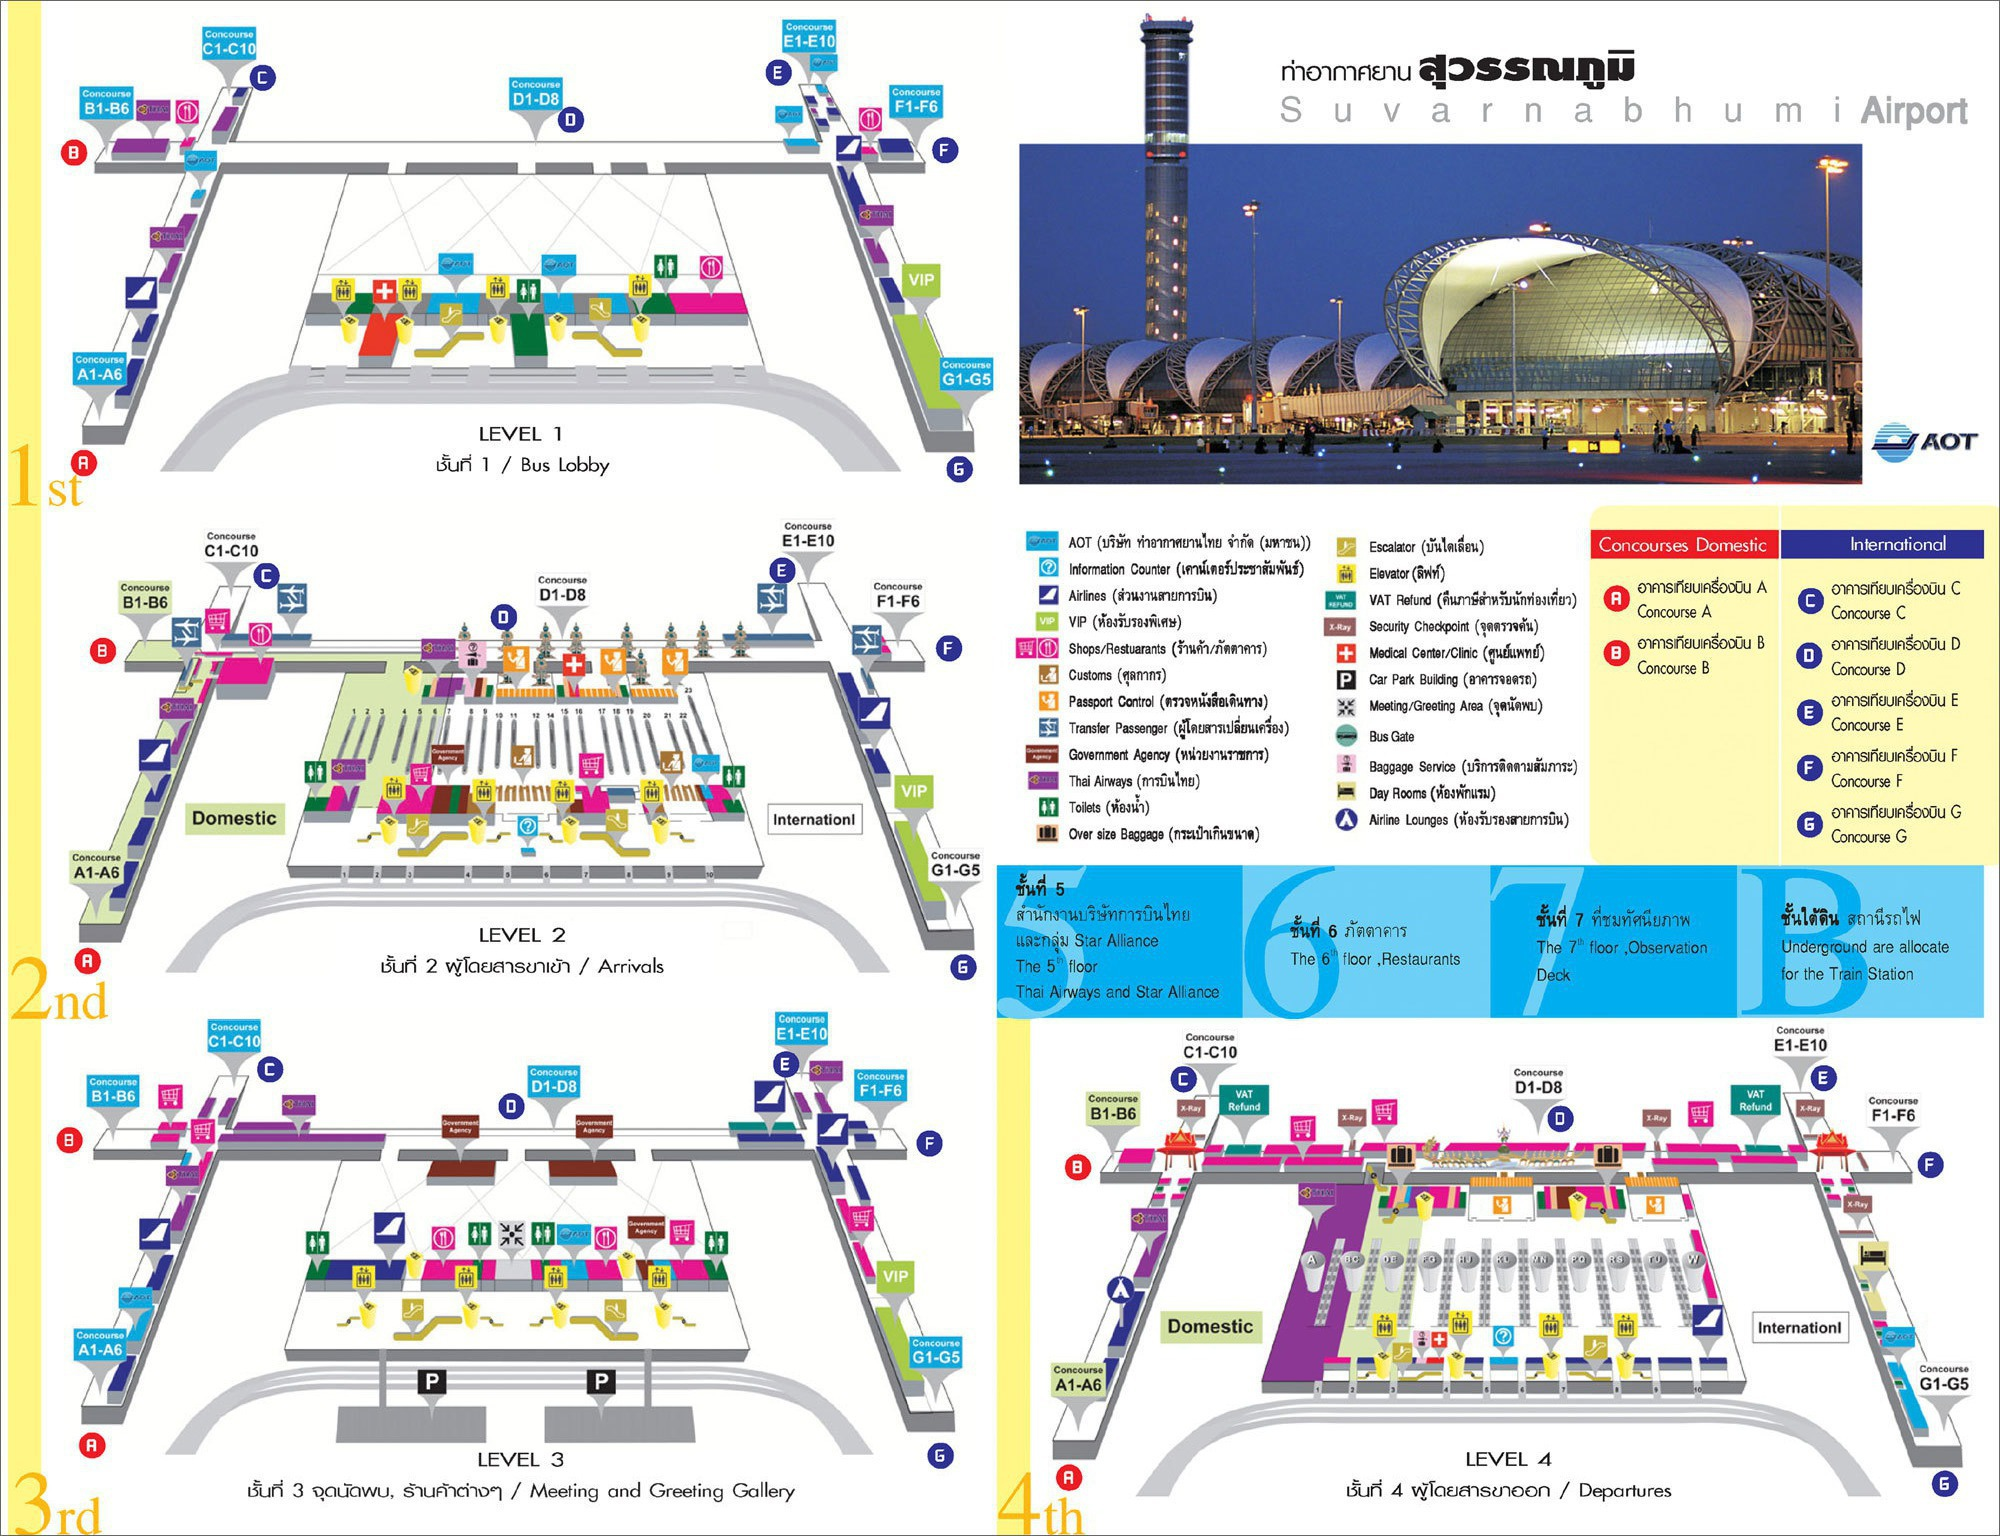 Схема аэропортаСуварнабхуми